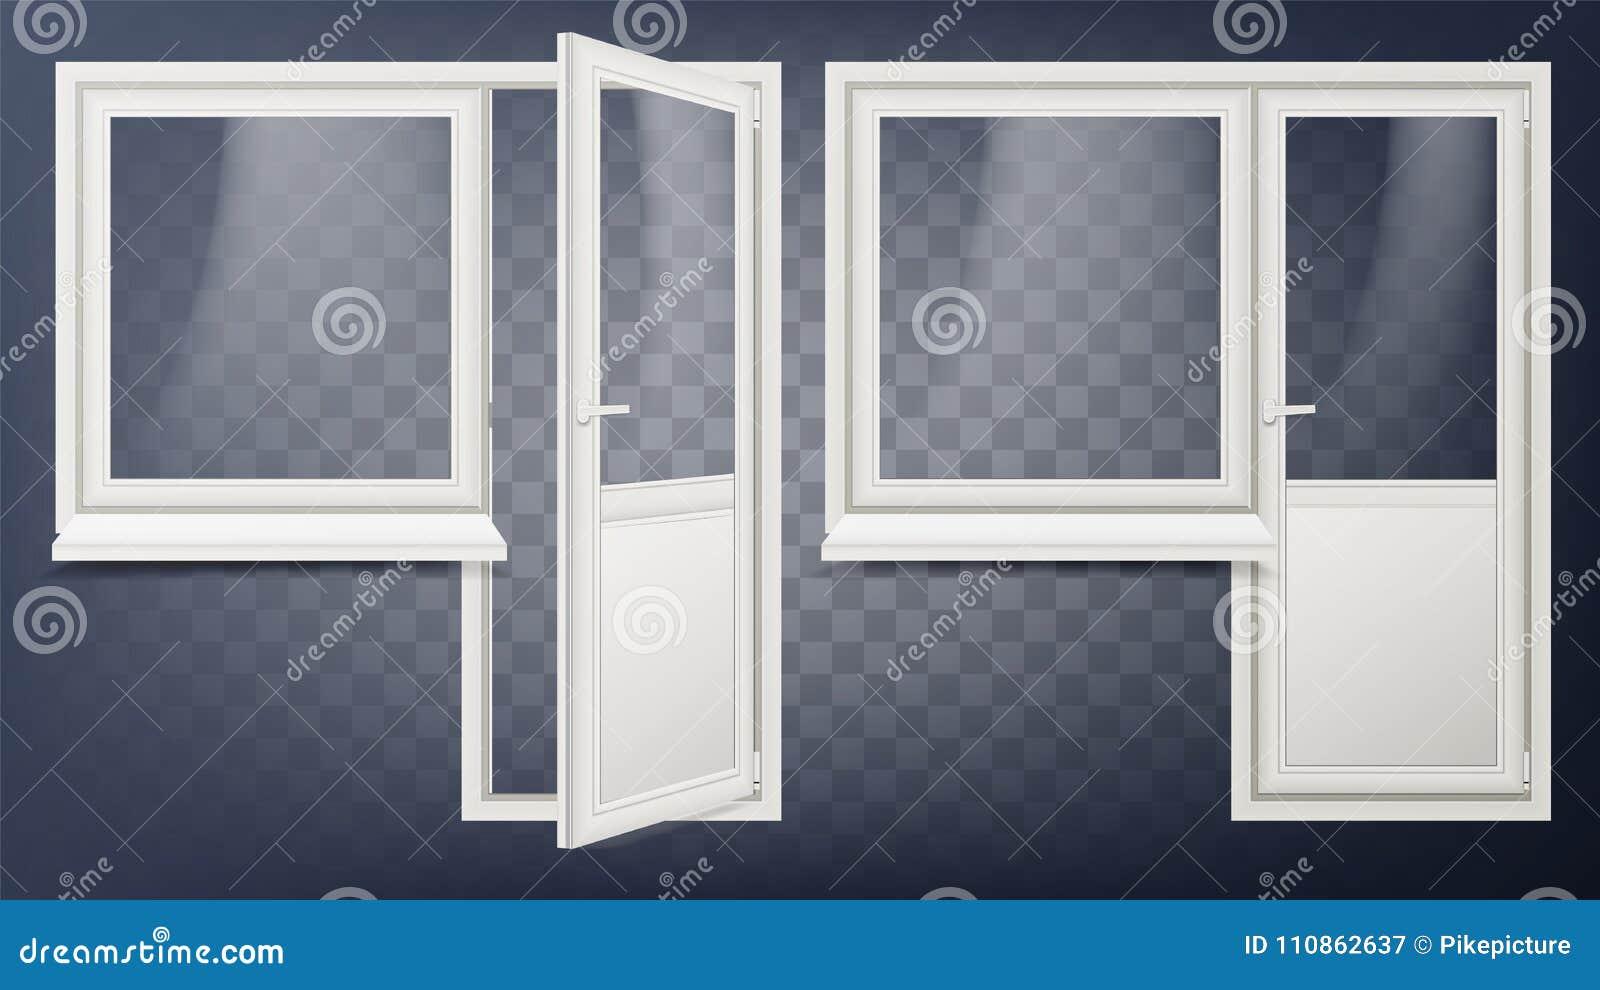 Plastikowy Drzwiowy wektor Domowy Wewnętrzny drzwi I okno Rozpieczętowany i Zamknięty Plastikowy Szklany drzwi oszczędzanie energ